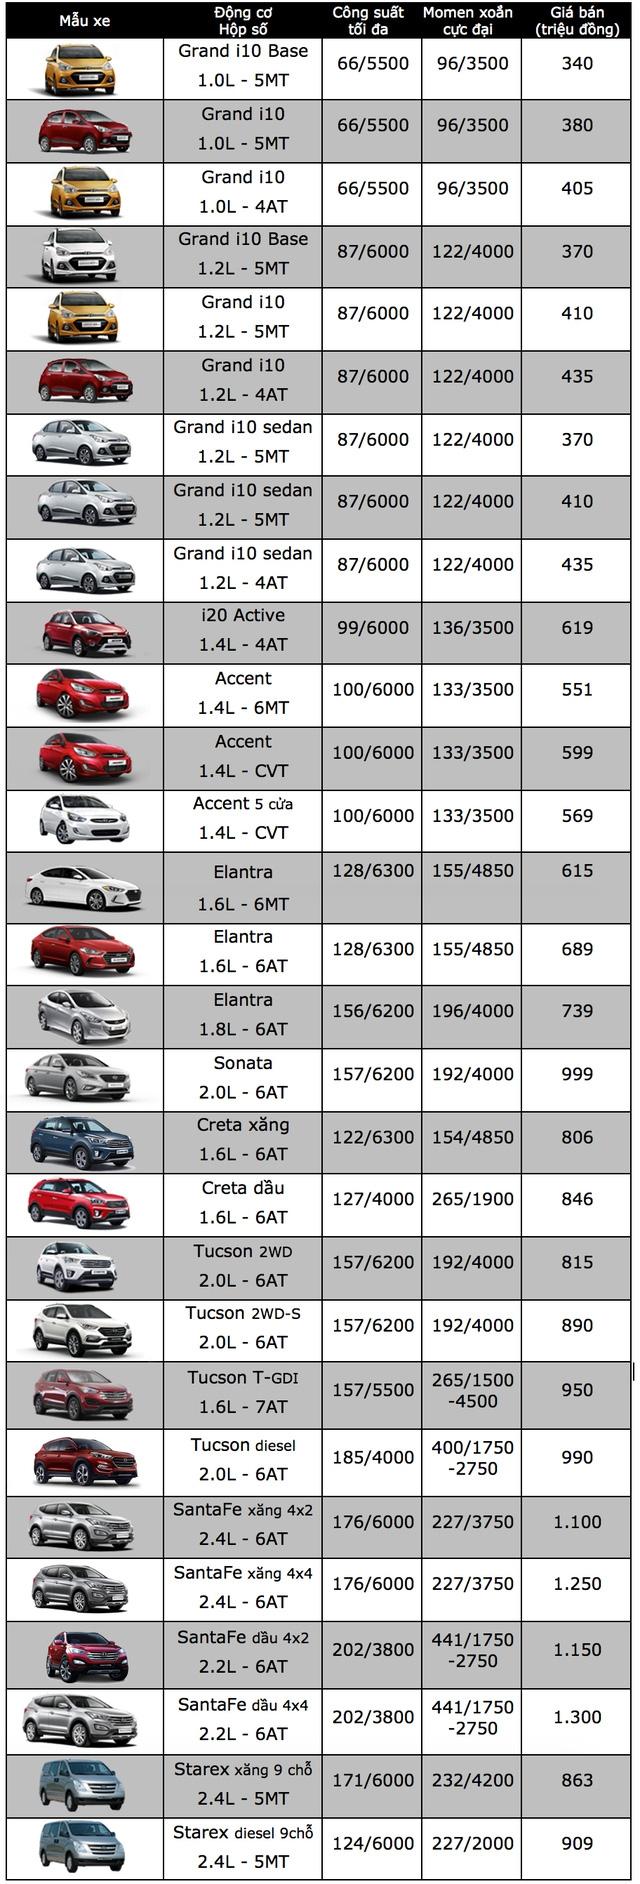 Bảng giá xe ôtô tại Việt Nam cập nhật tháng 10/2017 - 6